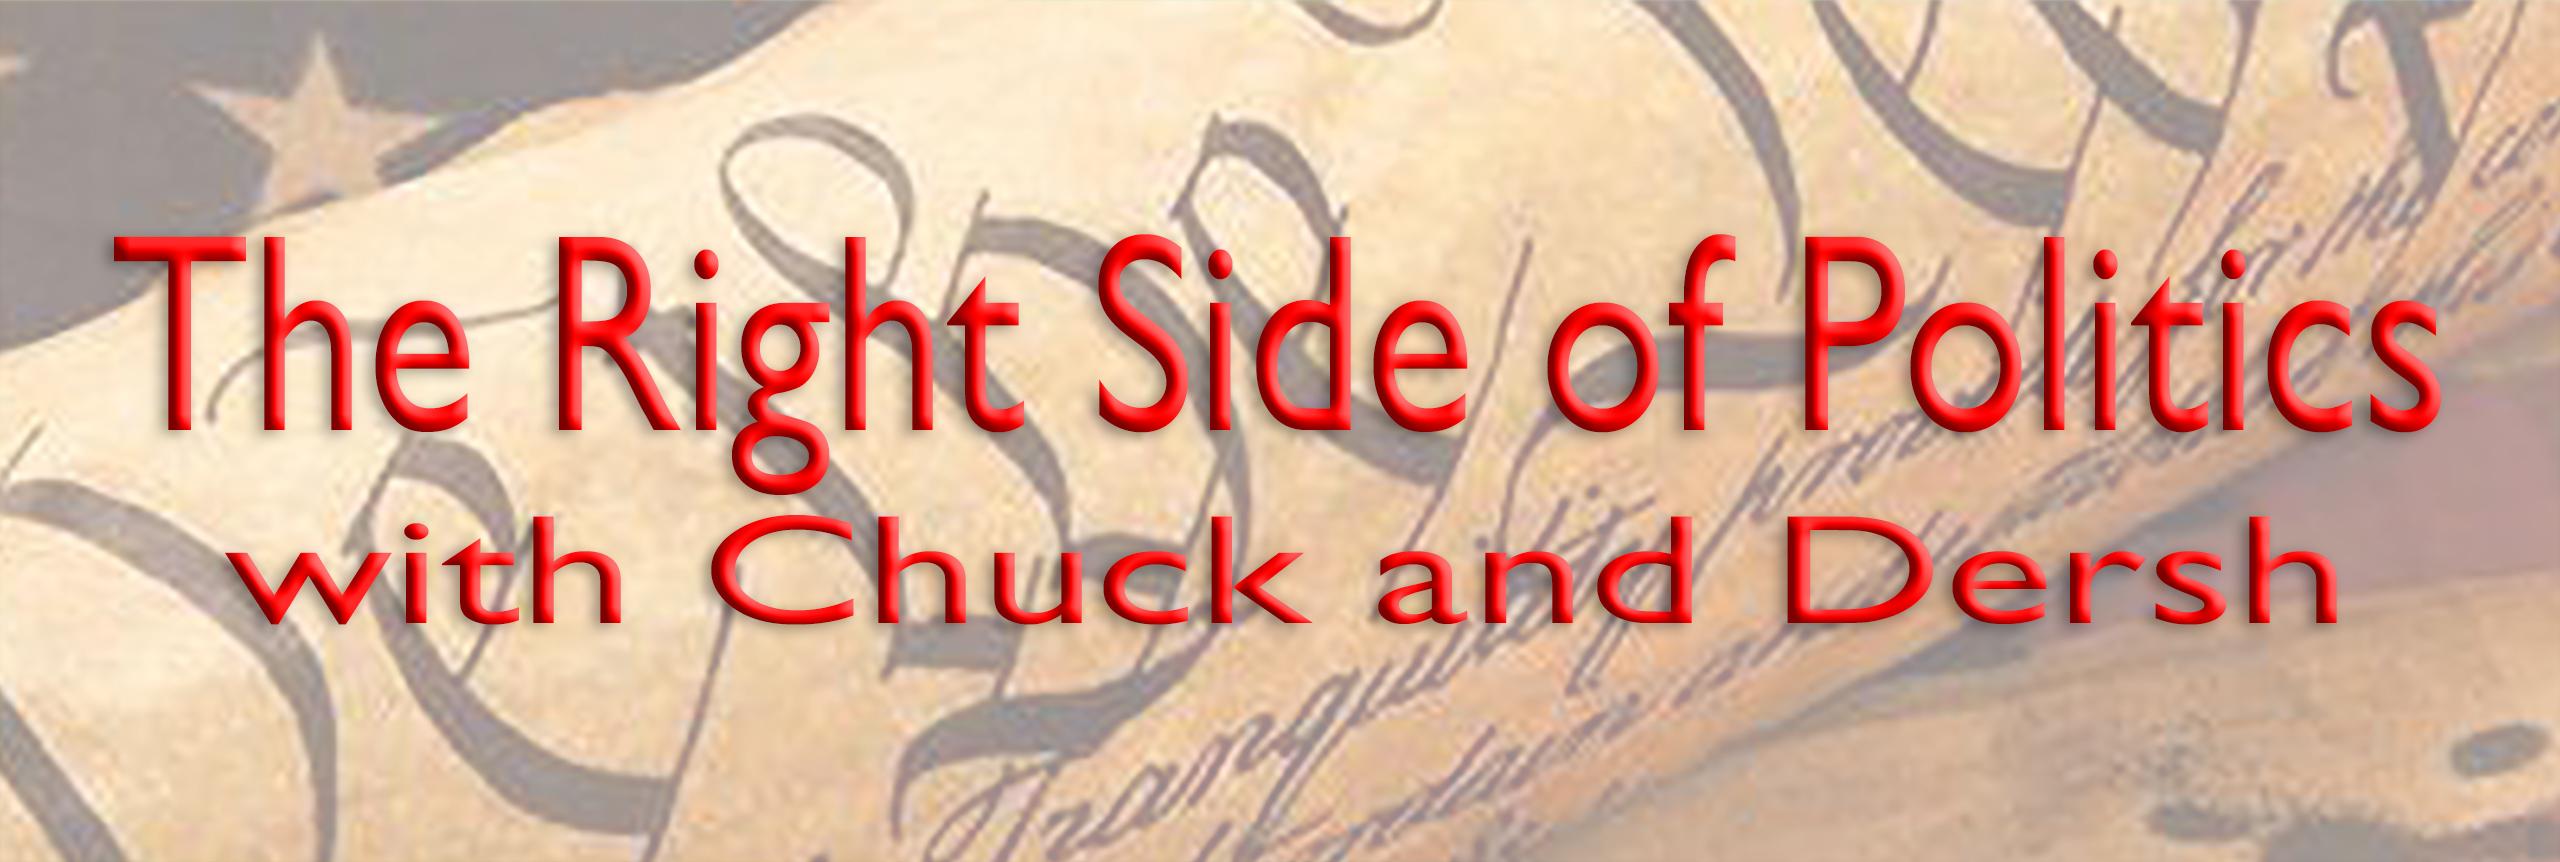 Right_Side_of_Politics-header02